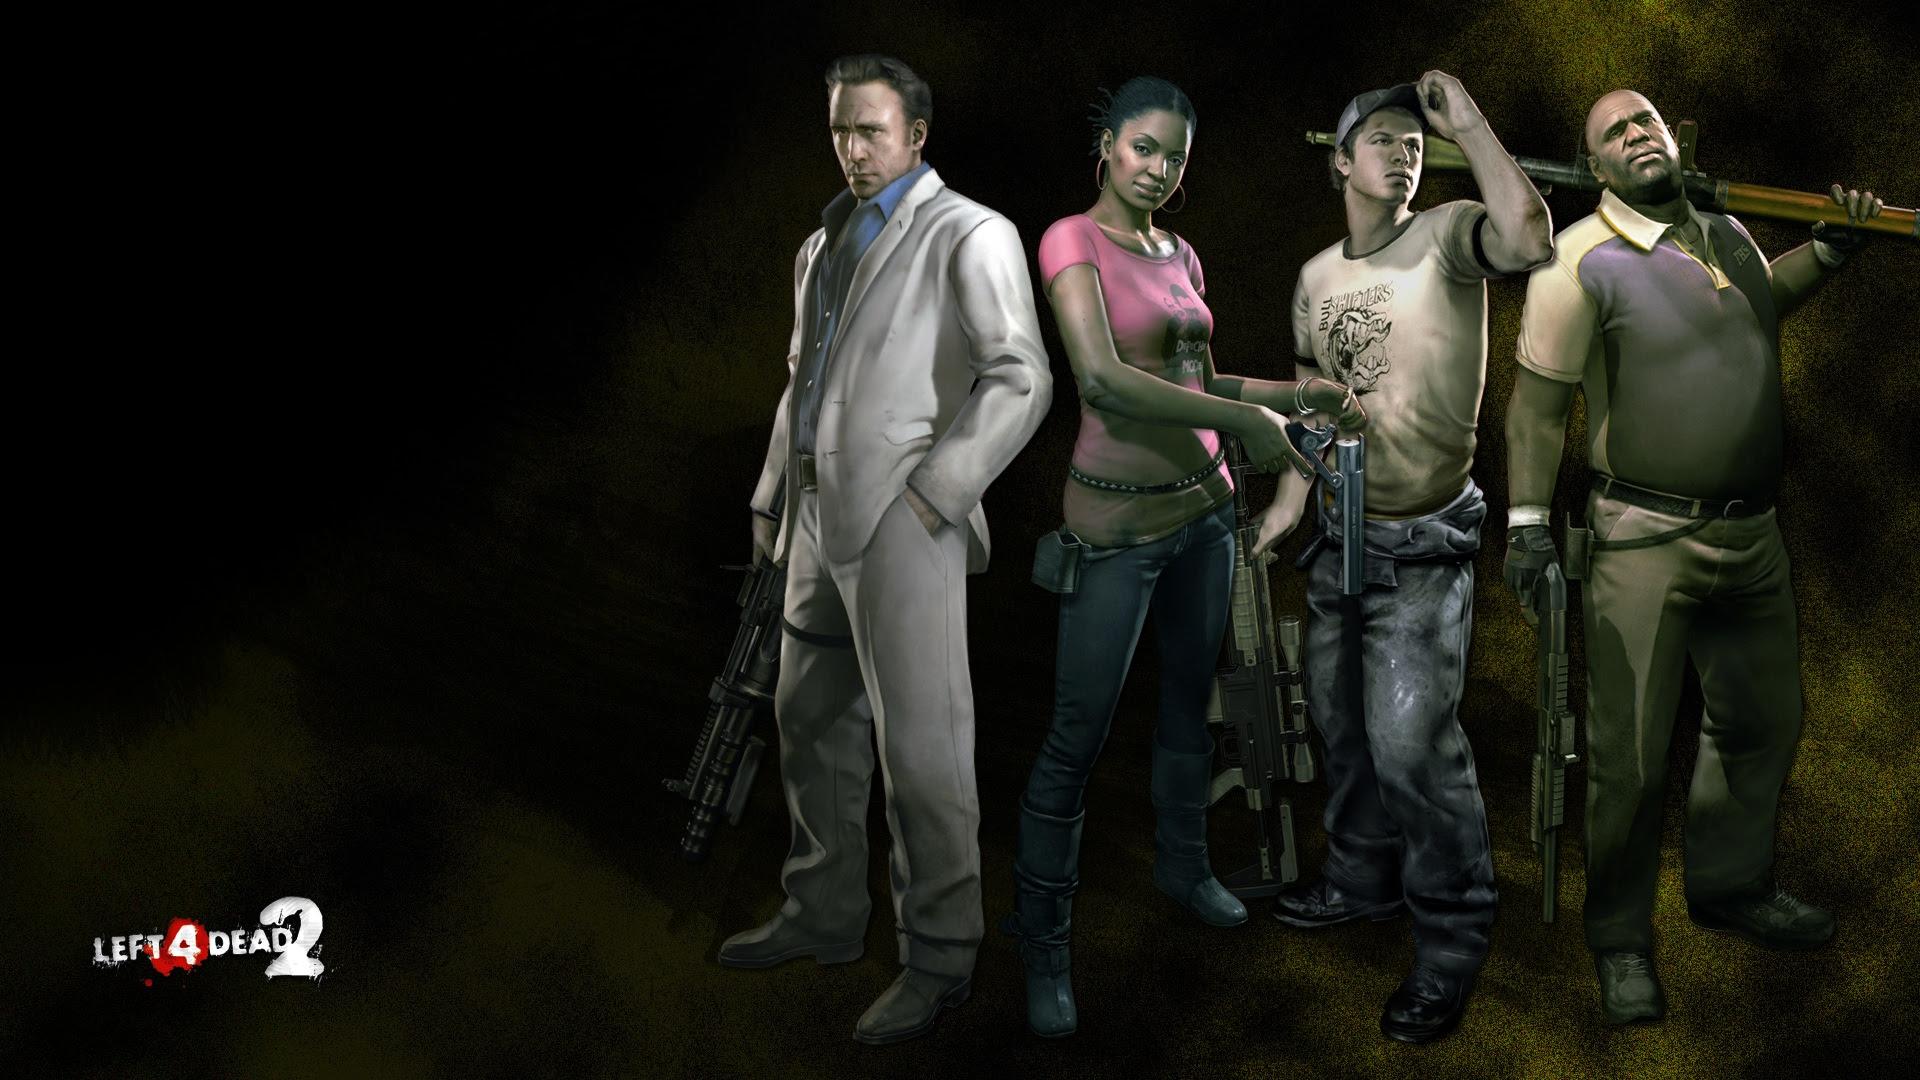 The Survivors Left 4 Dead 2 Wallpaper 38596840 Fanpop